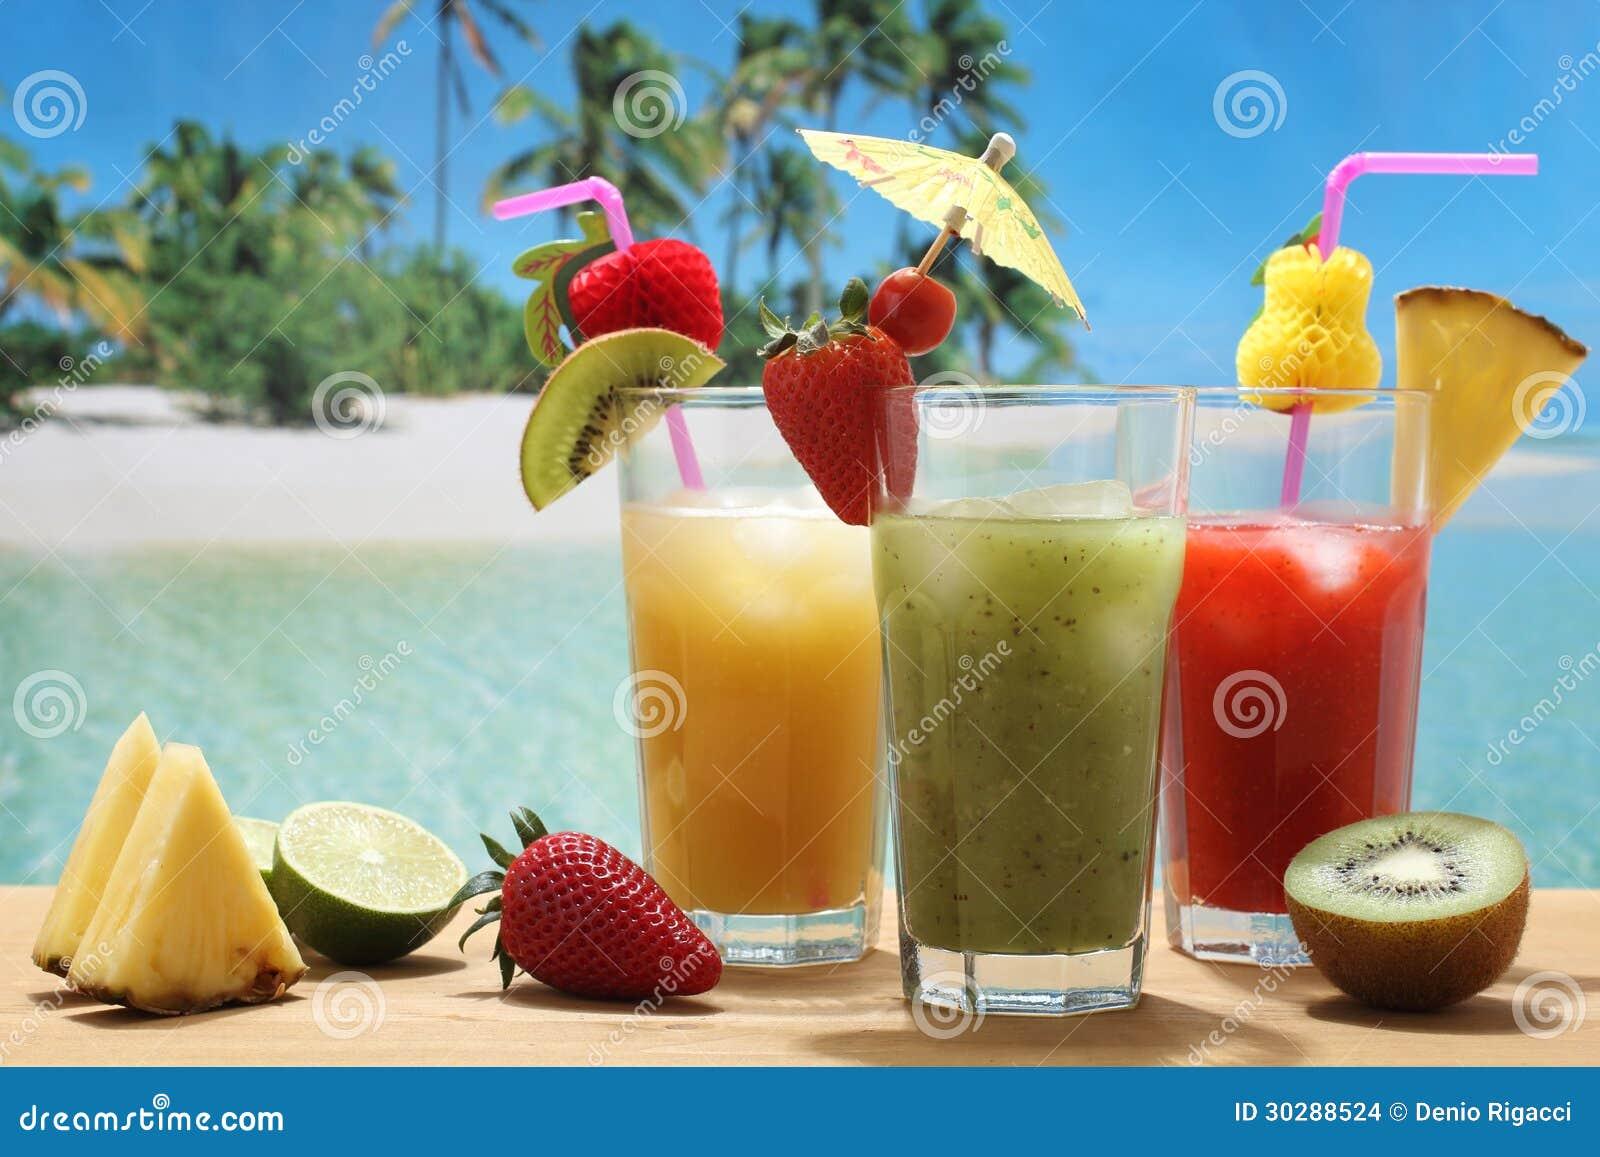 Cocktail di frutta sulla spiaggia tropicale fotografia for Disegni di casa sulla spiaggia tropicale